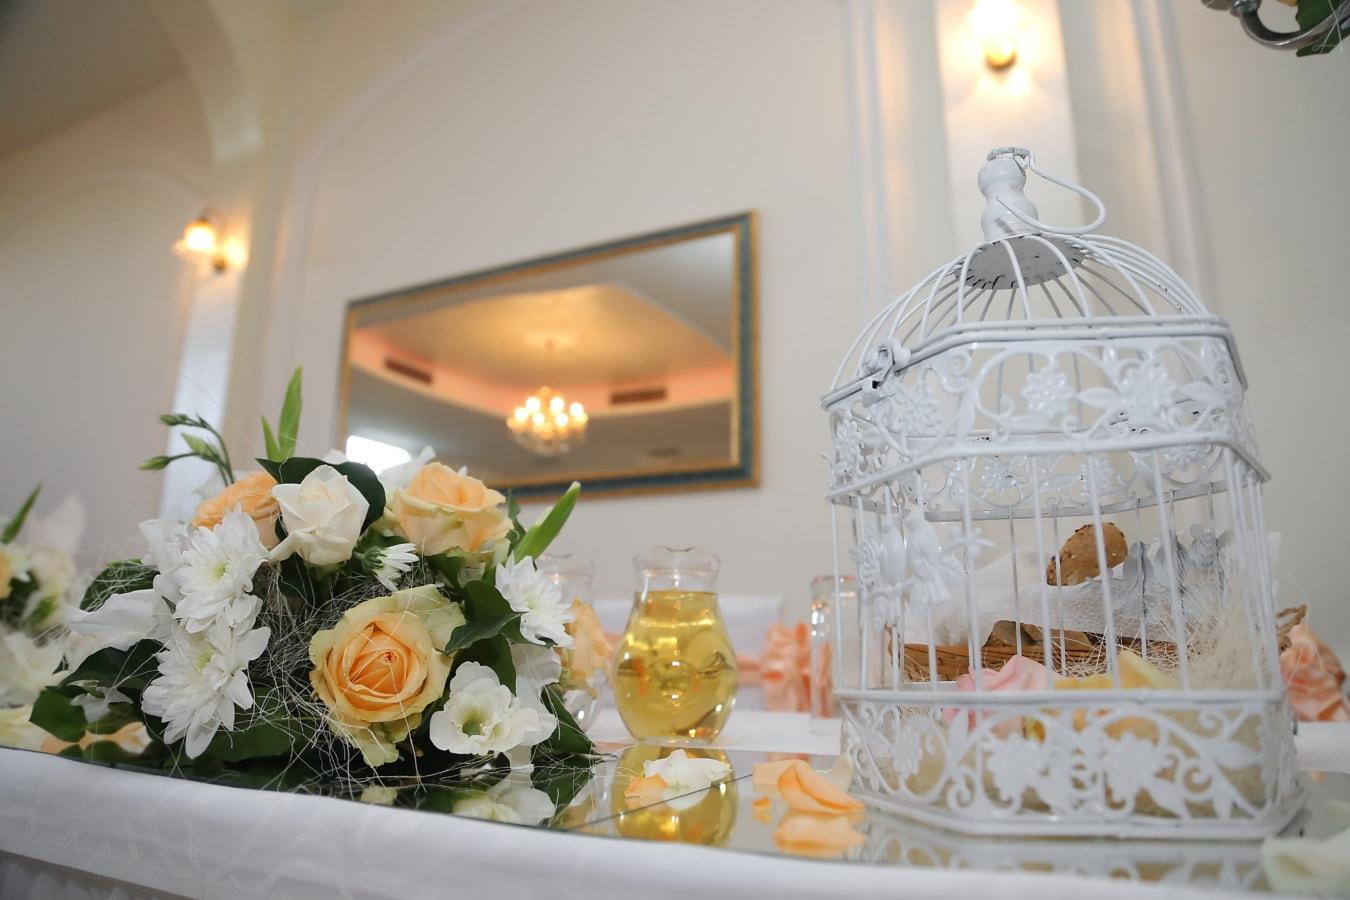 fantaisie, réception, décoration, table, fleurs, à l'intérieur, Design d'intérieur, fleur, élégant, bouquet